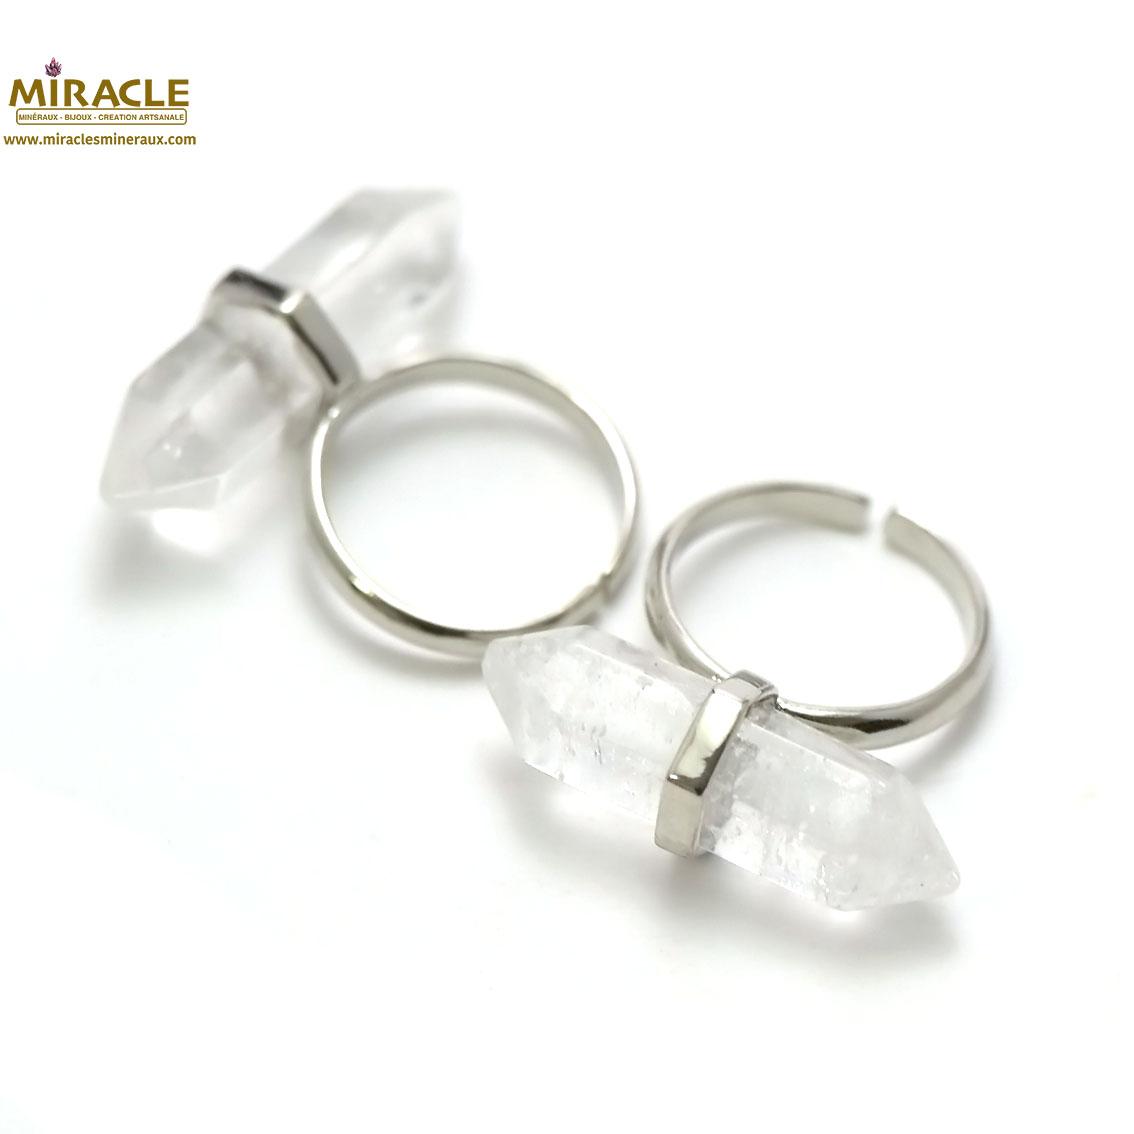 Bague en pierre naturelle de cristal de roche double pointe